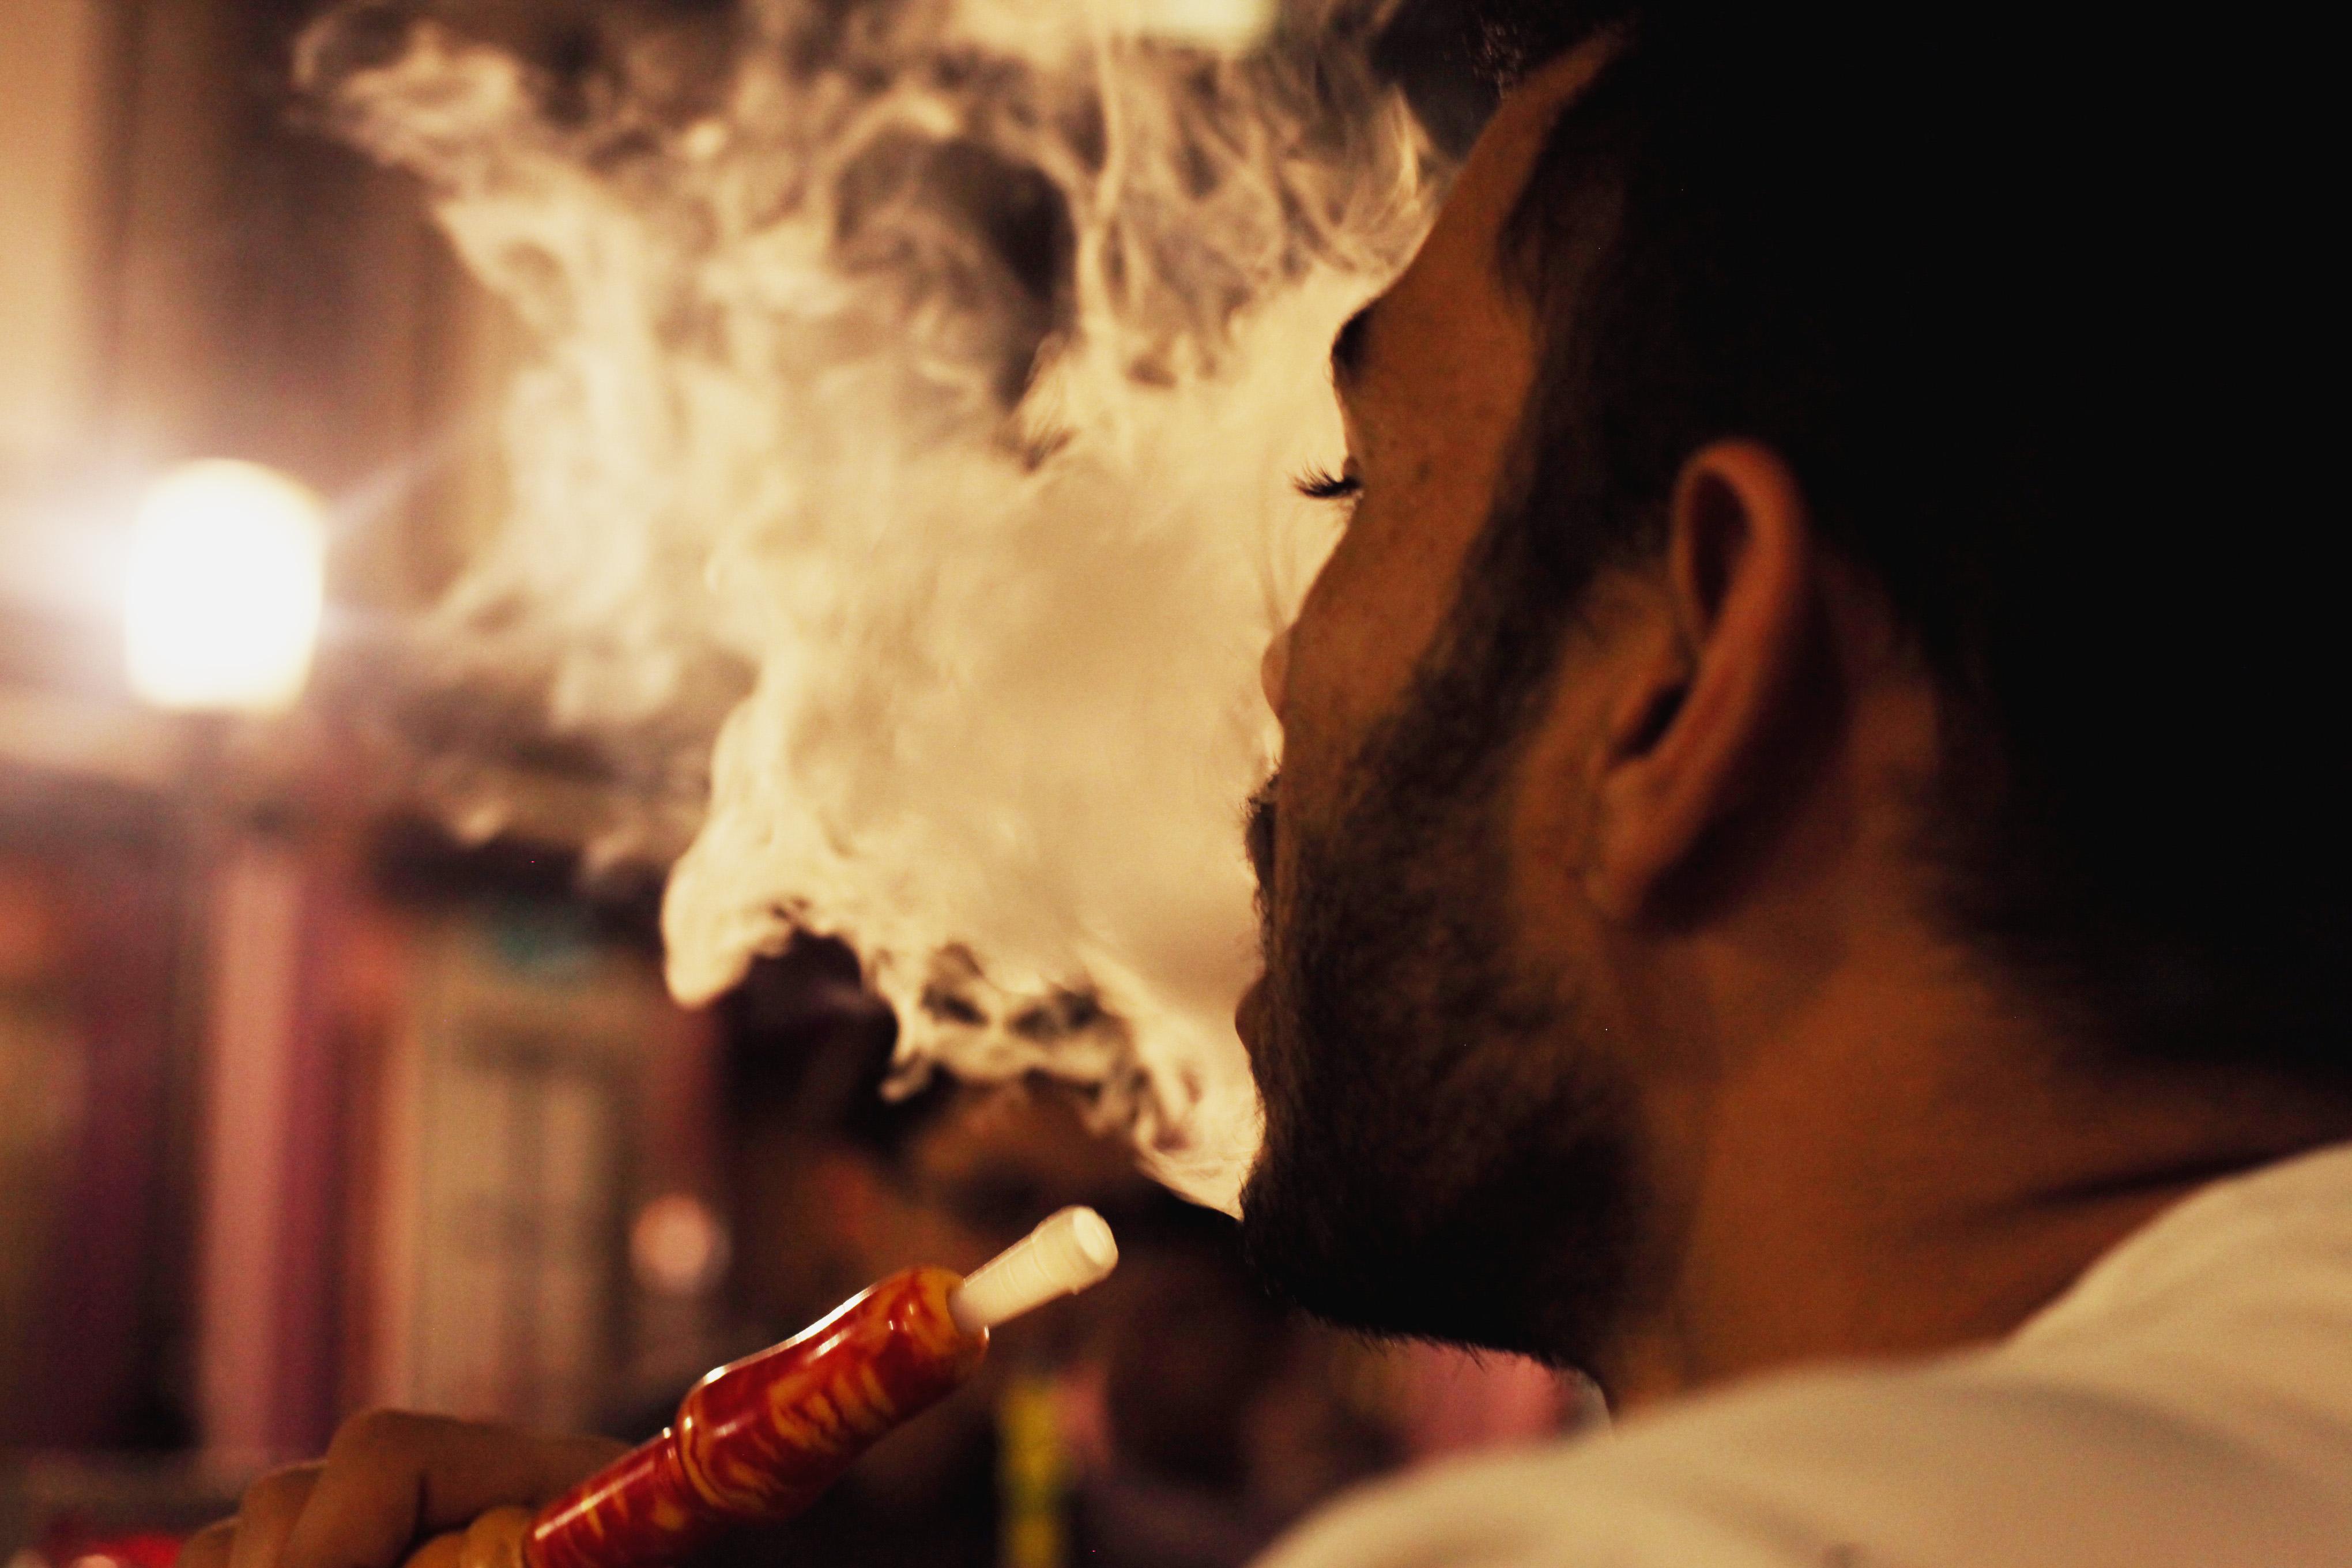 При курении кальяна в легкие попадает в 100-200 раз больше ядовитых веществ по сравнению с сигаретами